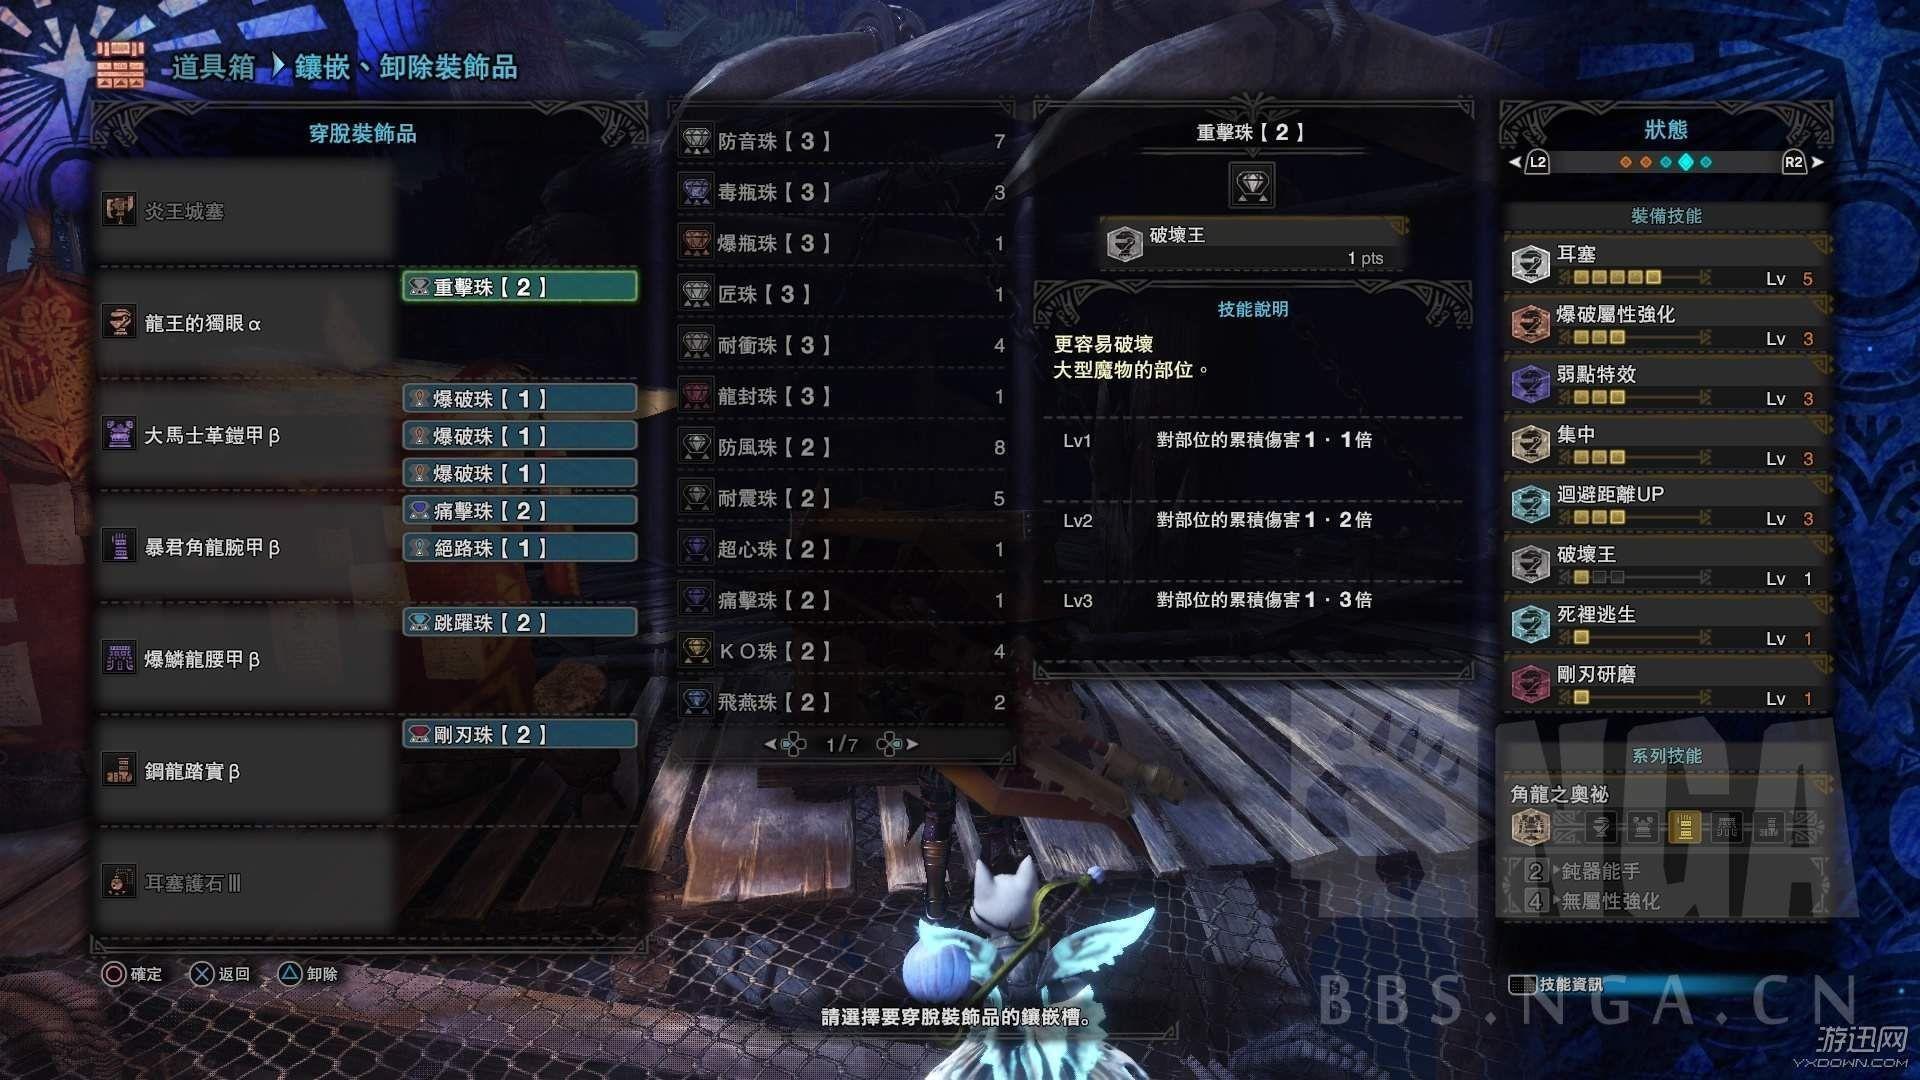 怪物猎人p3斩斧图鉴_怪物猎人世界斩斧怎么玩?斩击斧经验及配装推荐